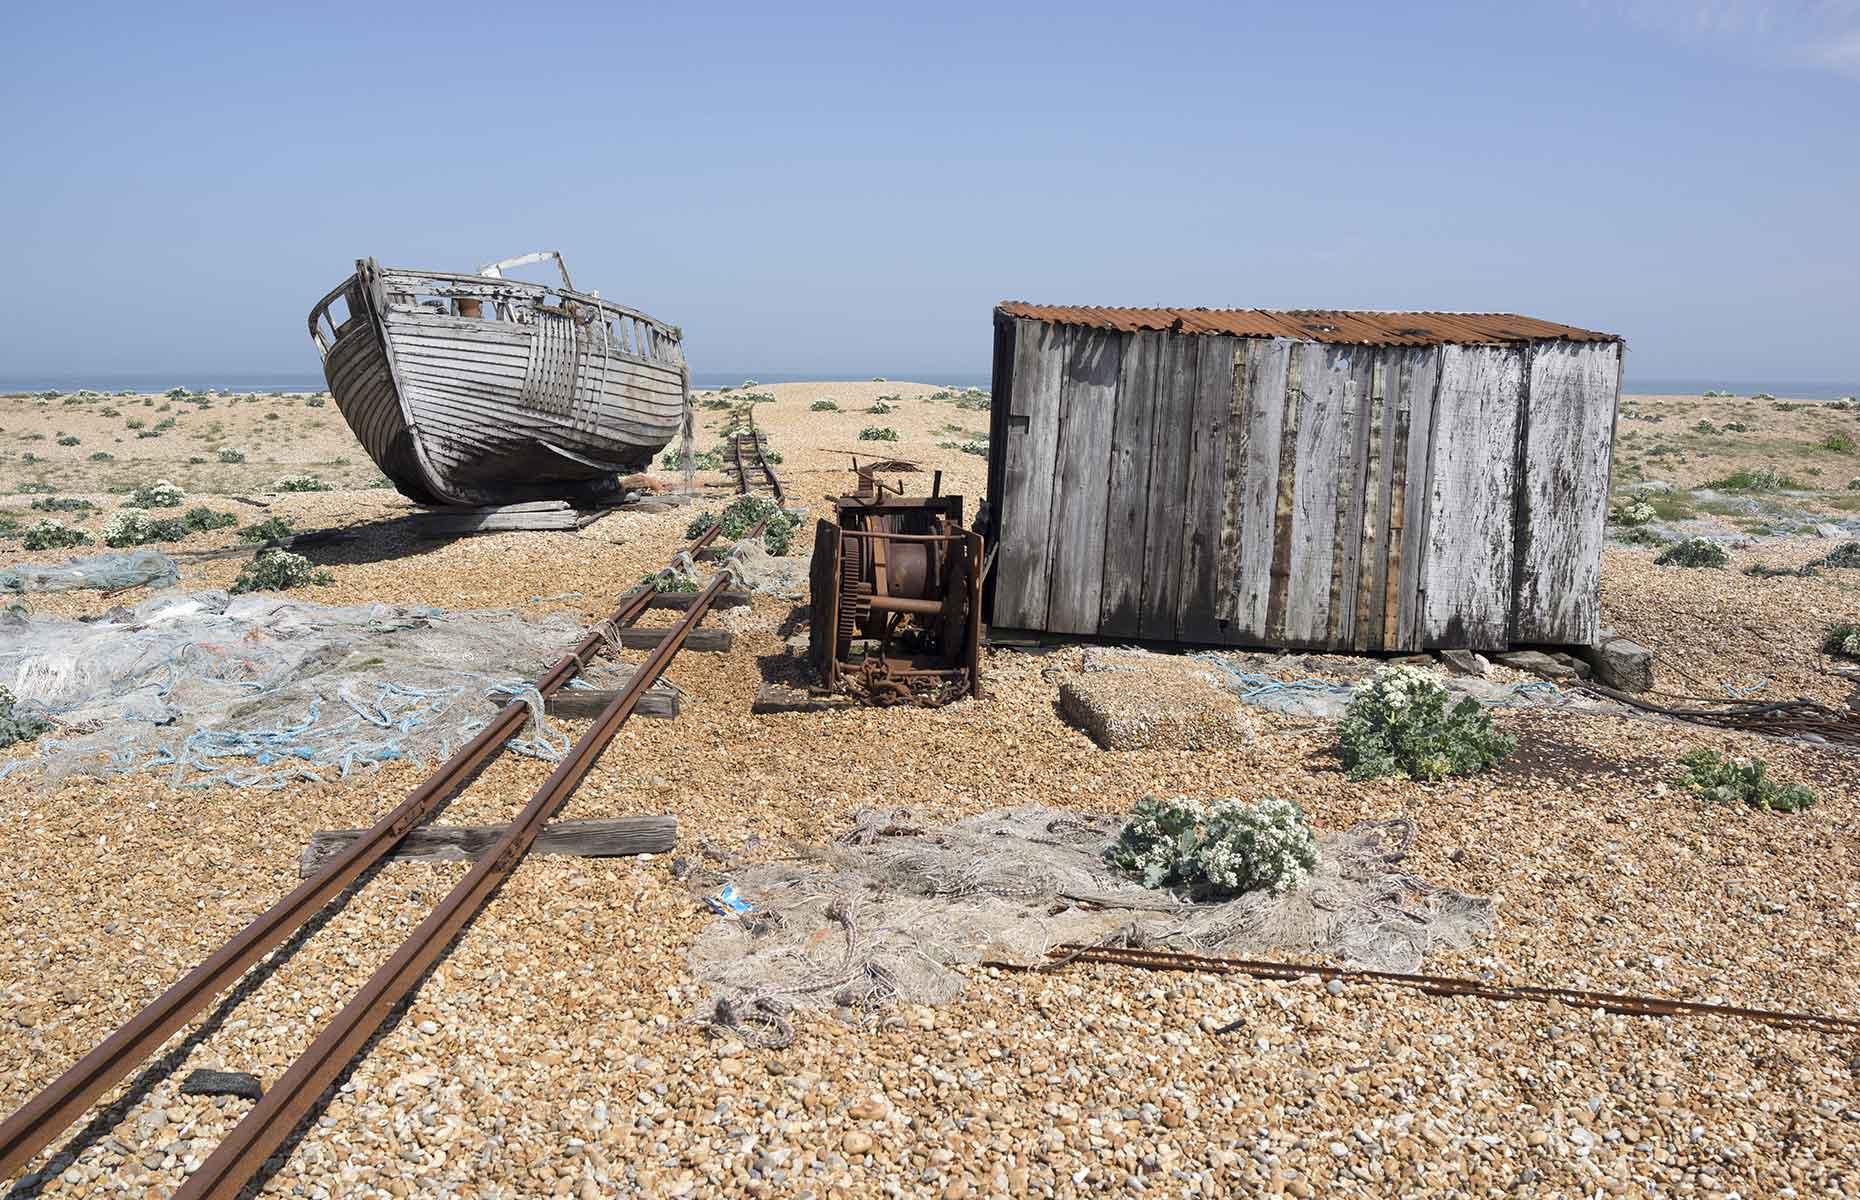 Dungeness, deserted beach, Kent (Image: Tim Bird/Shutterstock)